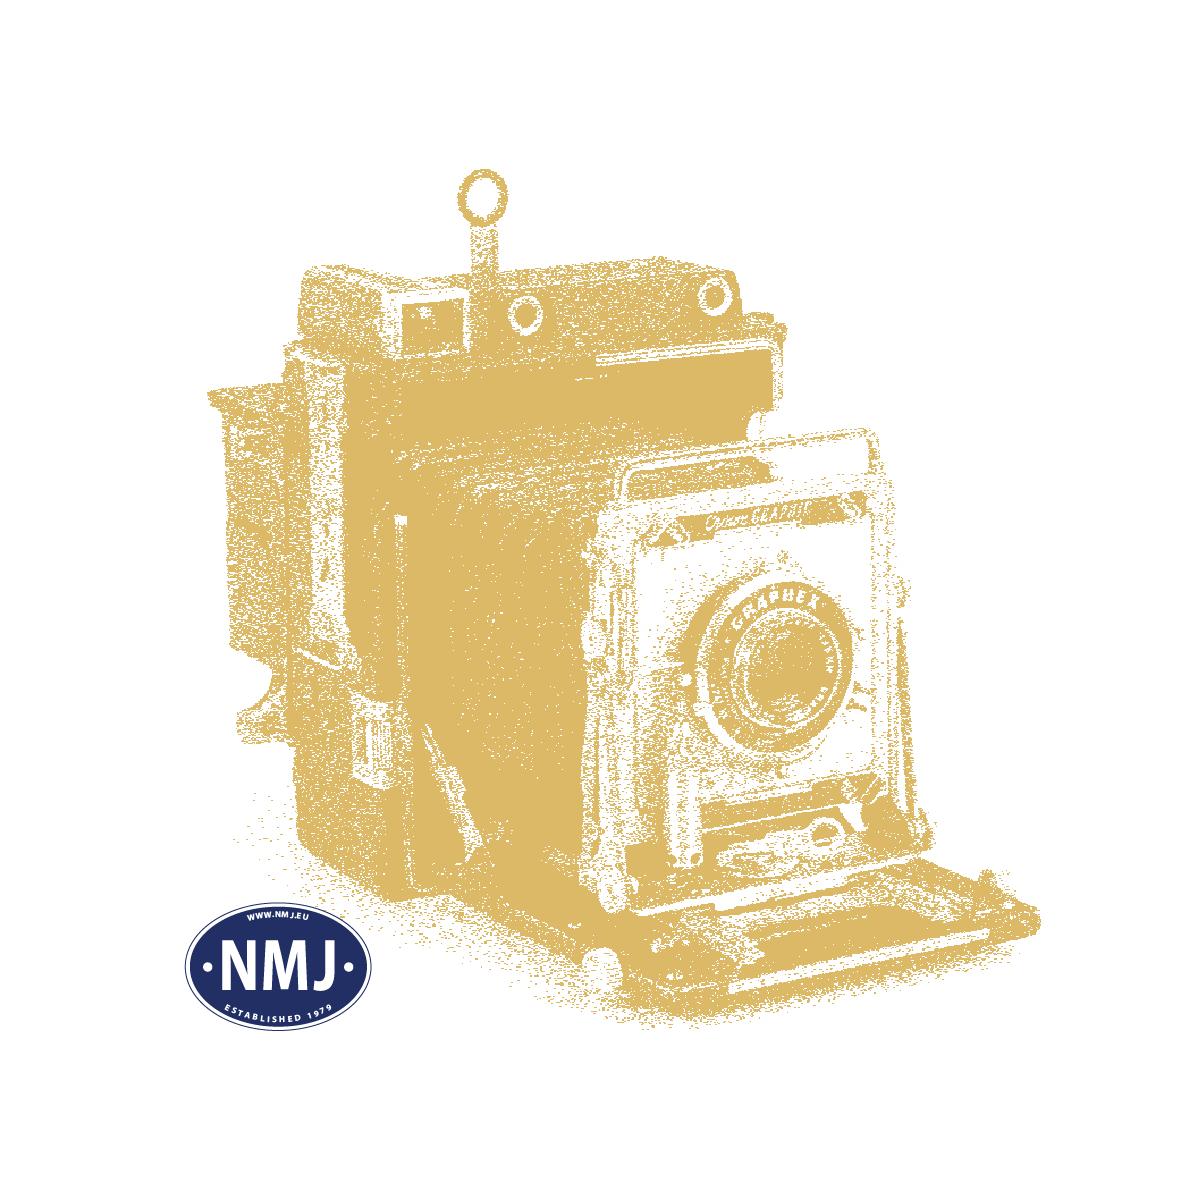 Topline Personvogner, NMJ405.106-MAV-2.-Klasse-Liggevogn-Bcmz-50-91-100-7-HO, NMJT405.106